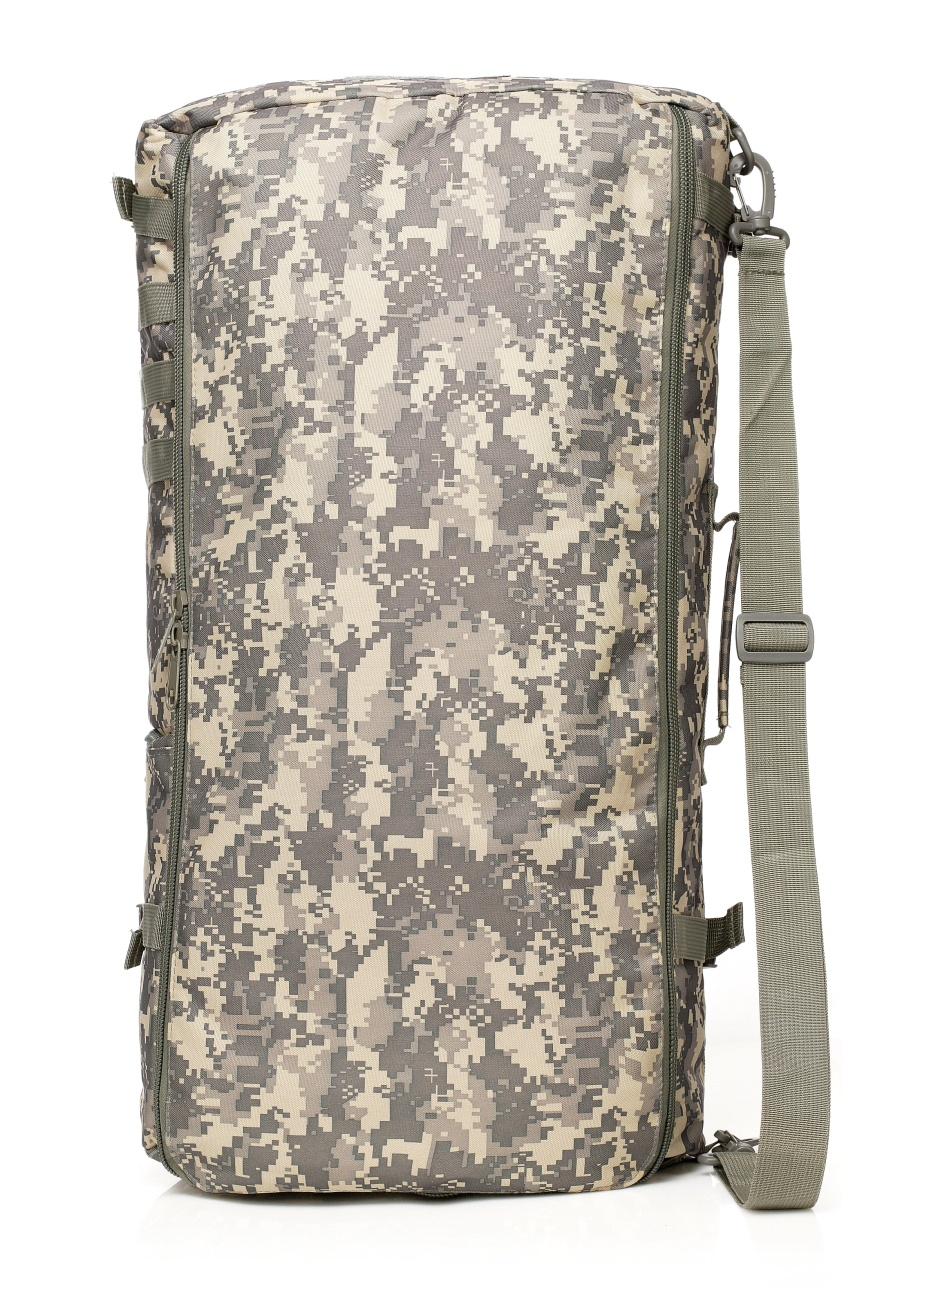 Большой тактический рюкзак для похода в горы MOLLE с доставкой